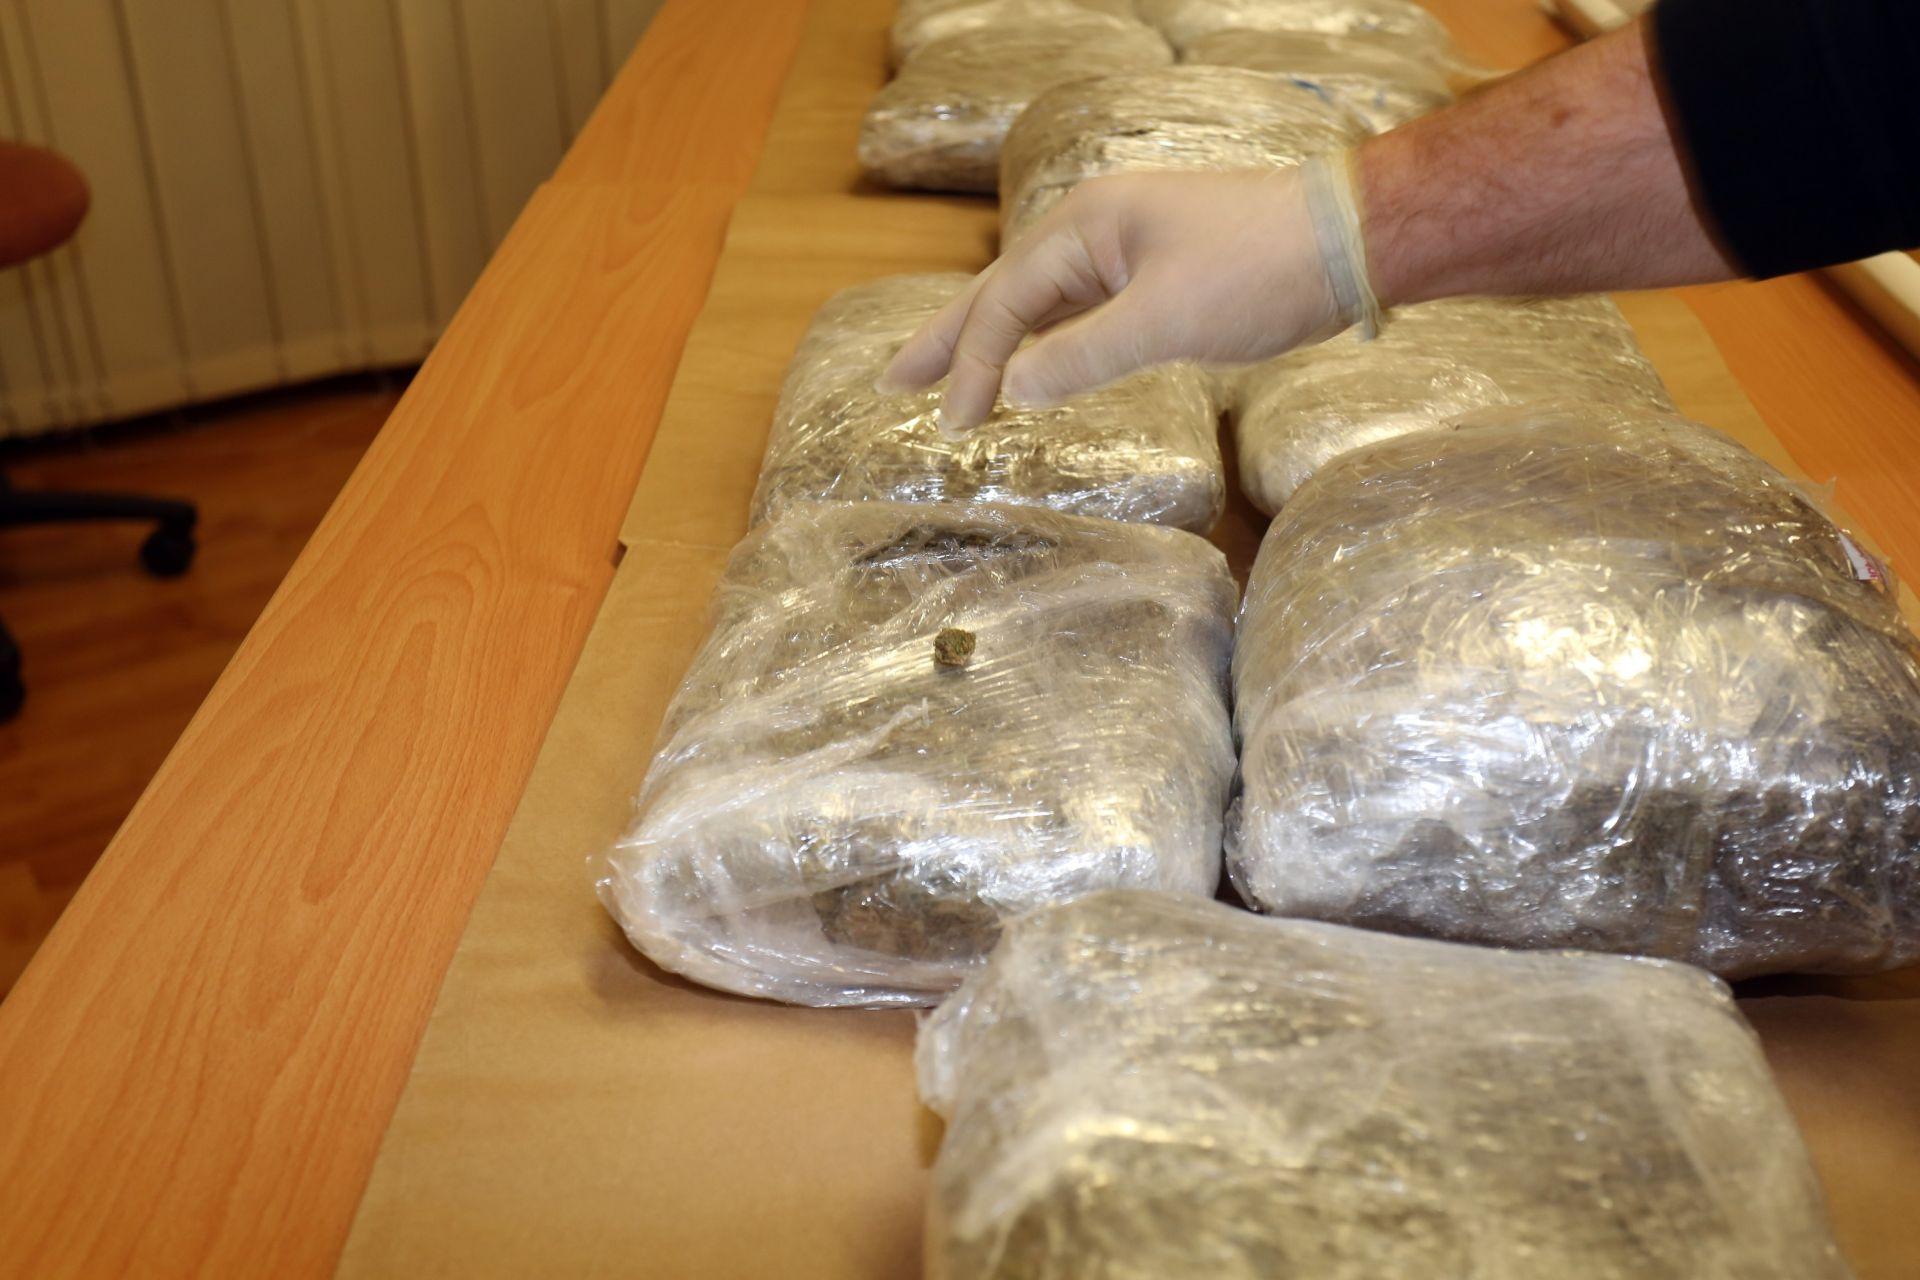 GRANIČNA POLICIJA: Crnogorac htio prokrijumčariti 8,6 kilograma marihuane